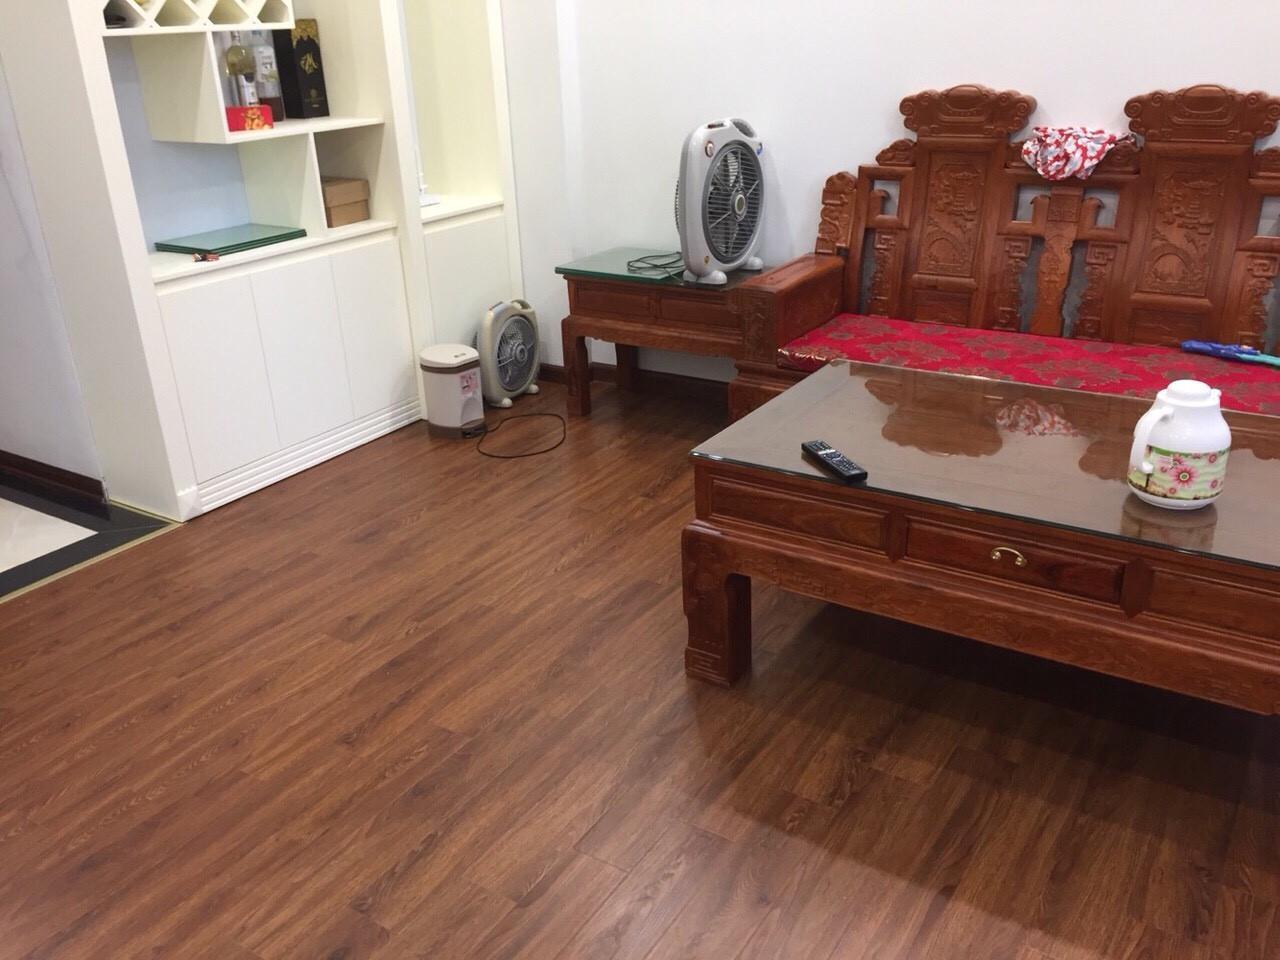 ván sàn gỗ Thái Lan cao cấp, báo giá sàn gỗ Thaixin, làm sàn gỗ tại hà nội,